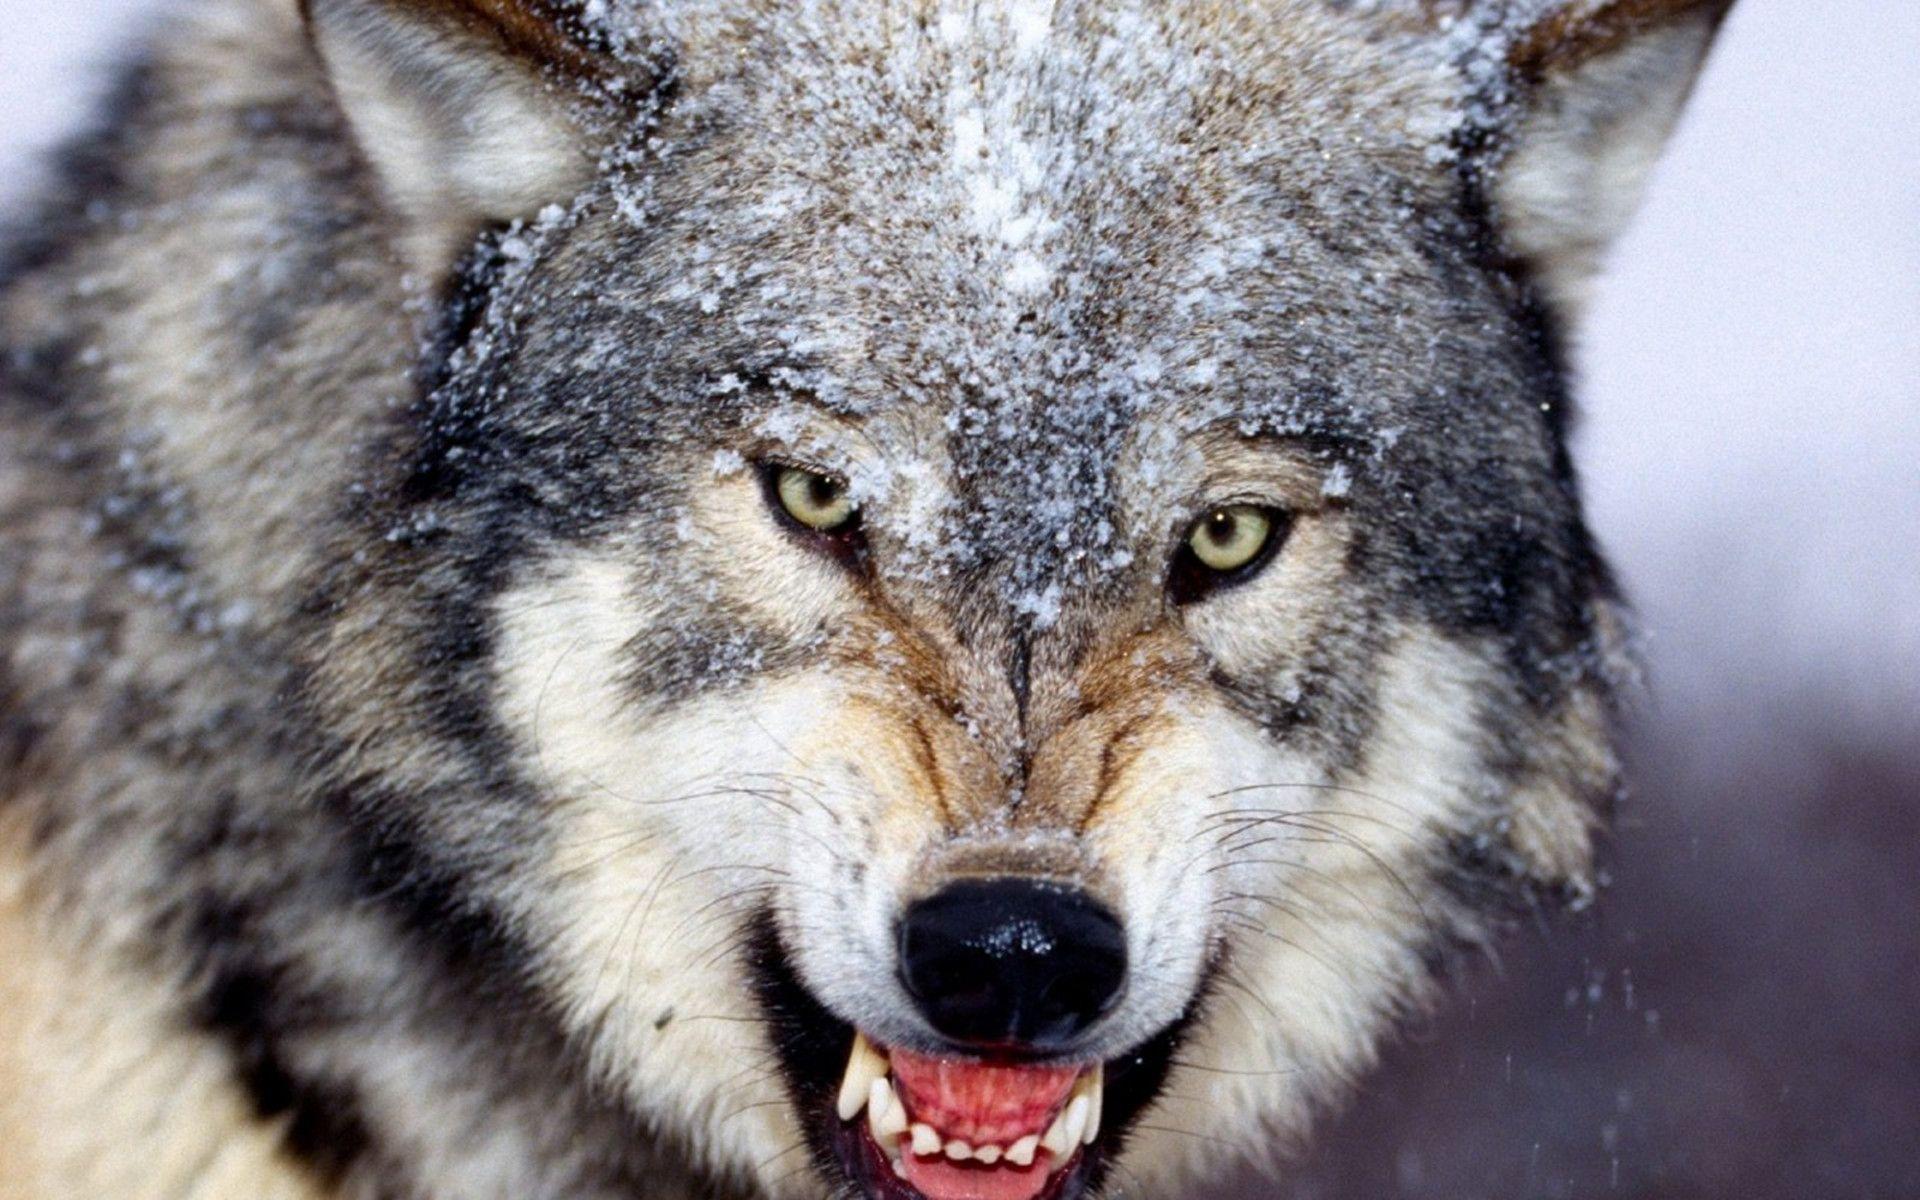 最凶猛的_世界上最凶猛的狗排名,比特犬数分钟咬死藏獒 视频 探秘志